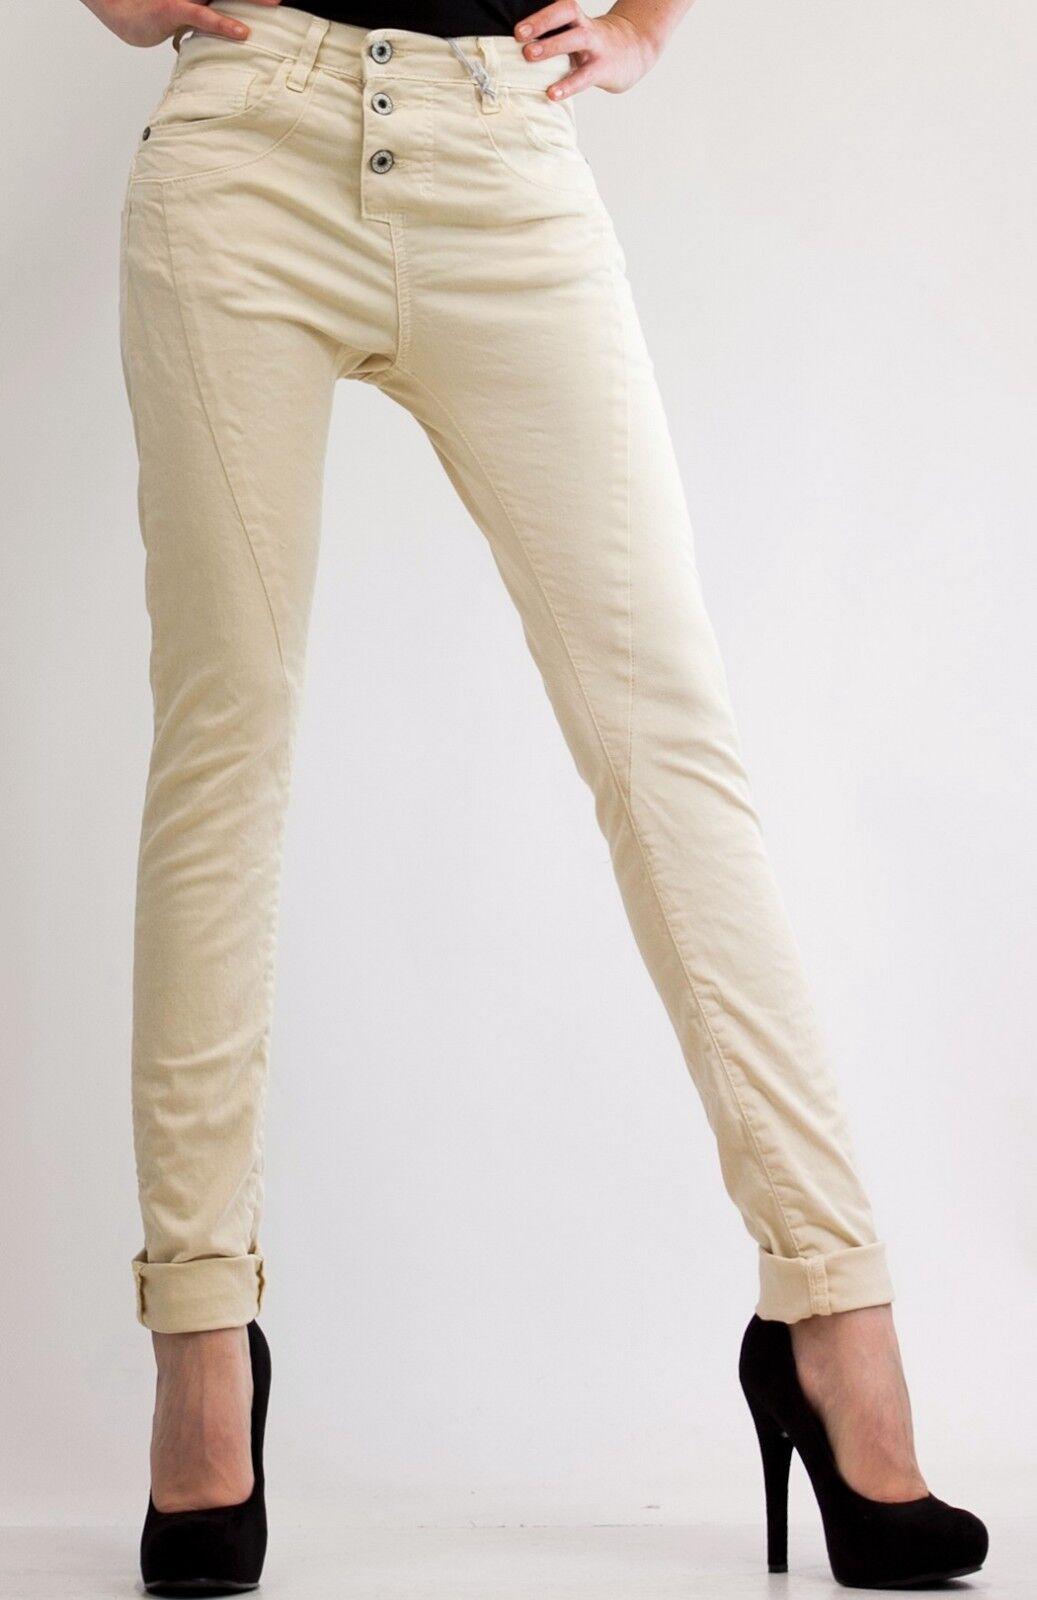 PLEASE Jeans P78 niedriges Pferd Boyfriend Frau 3 Knöpfe Slim  Damen Flachs | Neu  | Langfristiger Ruf  | Up-to-date Styling  | Eine Große Vielfalt An Modelle 2019 Neue  | Sale